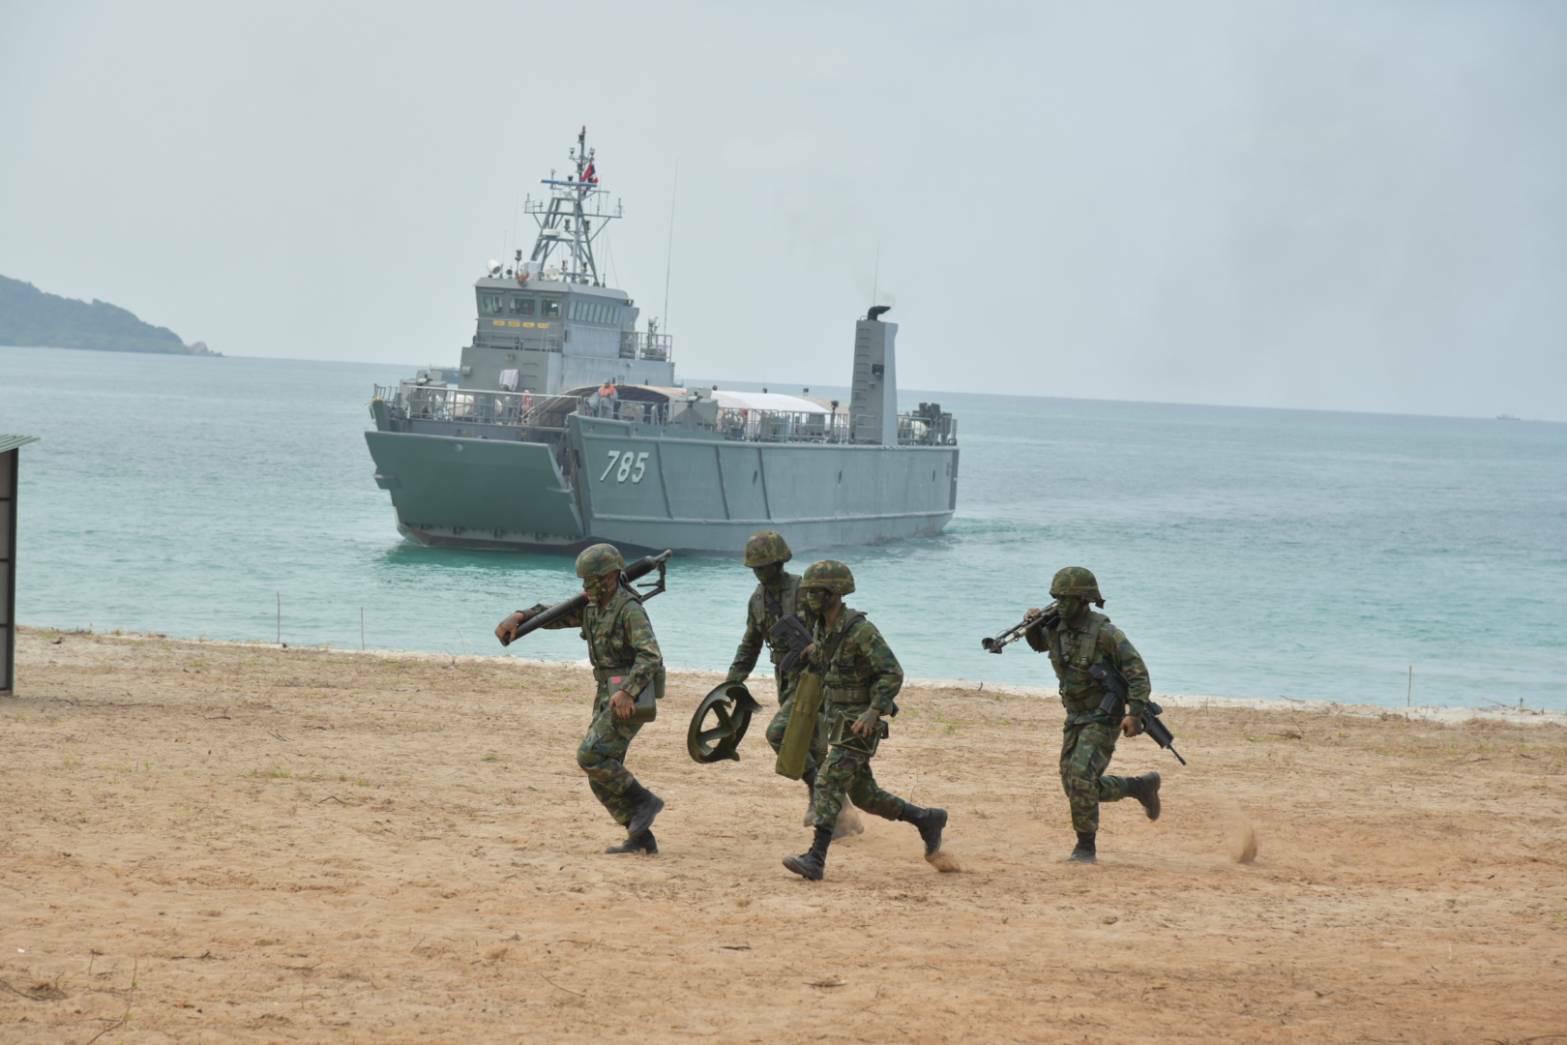 ผบ.ทร. เปิดการฝึกกองทัพเรือ 64 เตรียมความพร้อมกำลังรบทางเรือ